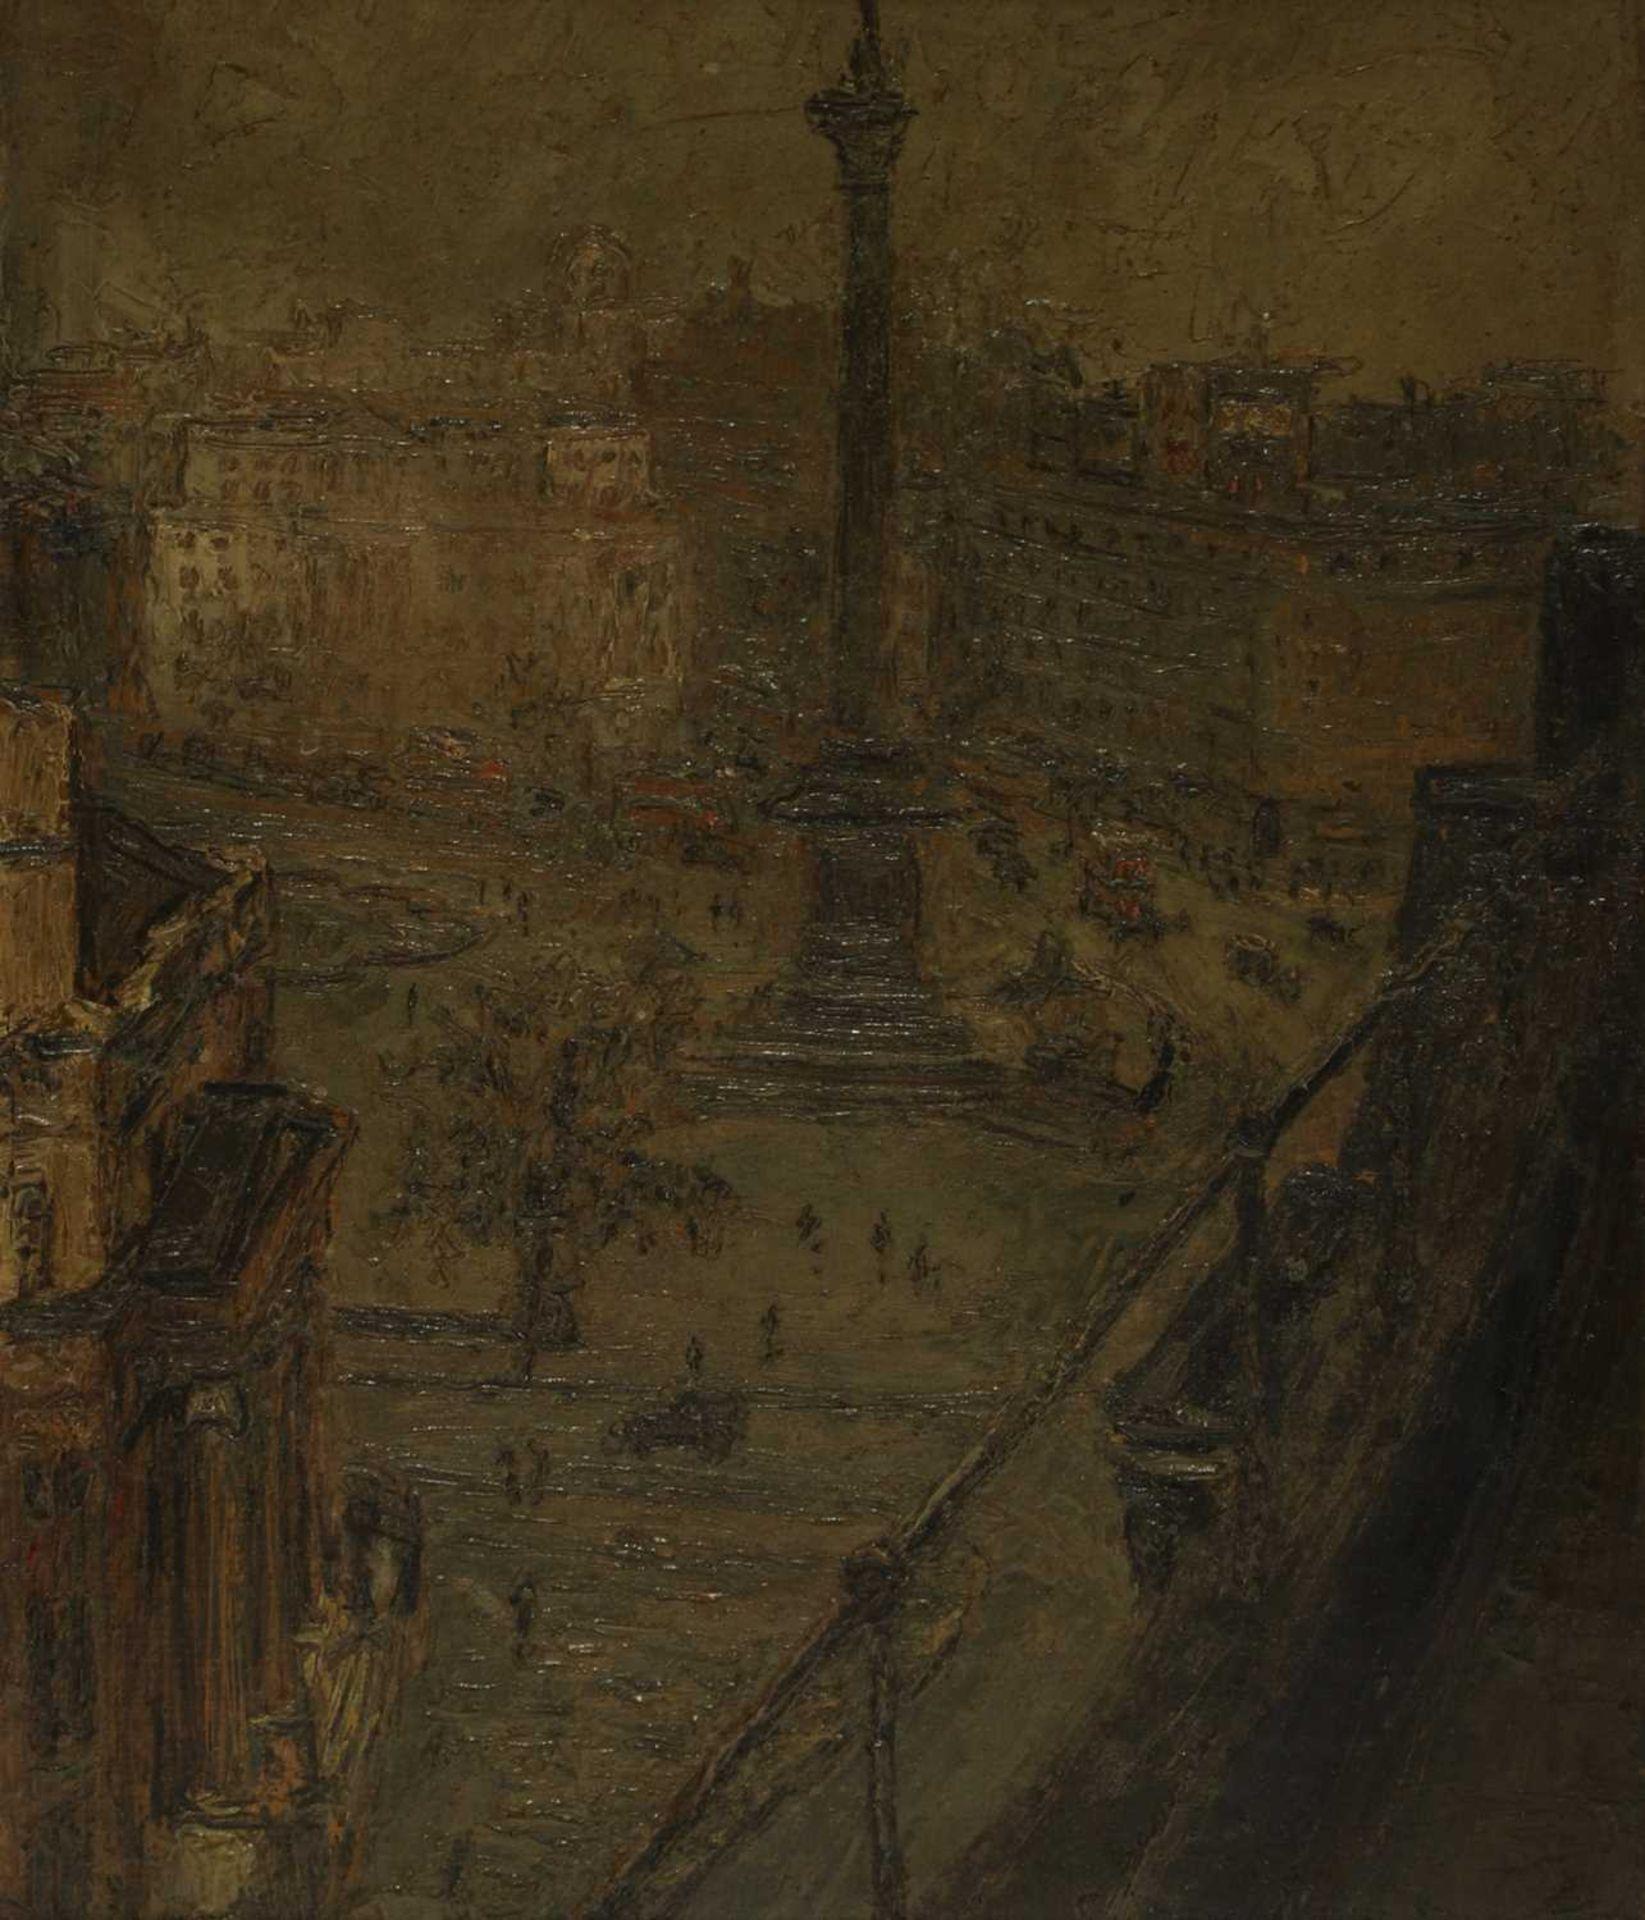 *PIETRO SANSALVADORE (Italian, 1892-1955) - Image 2 of 4